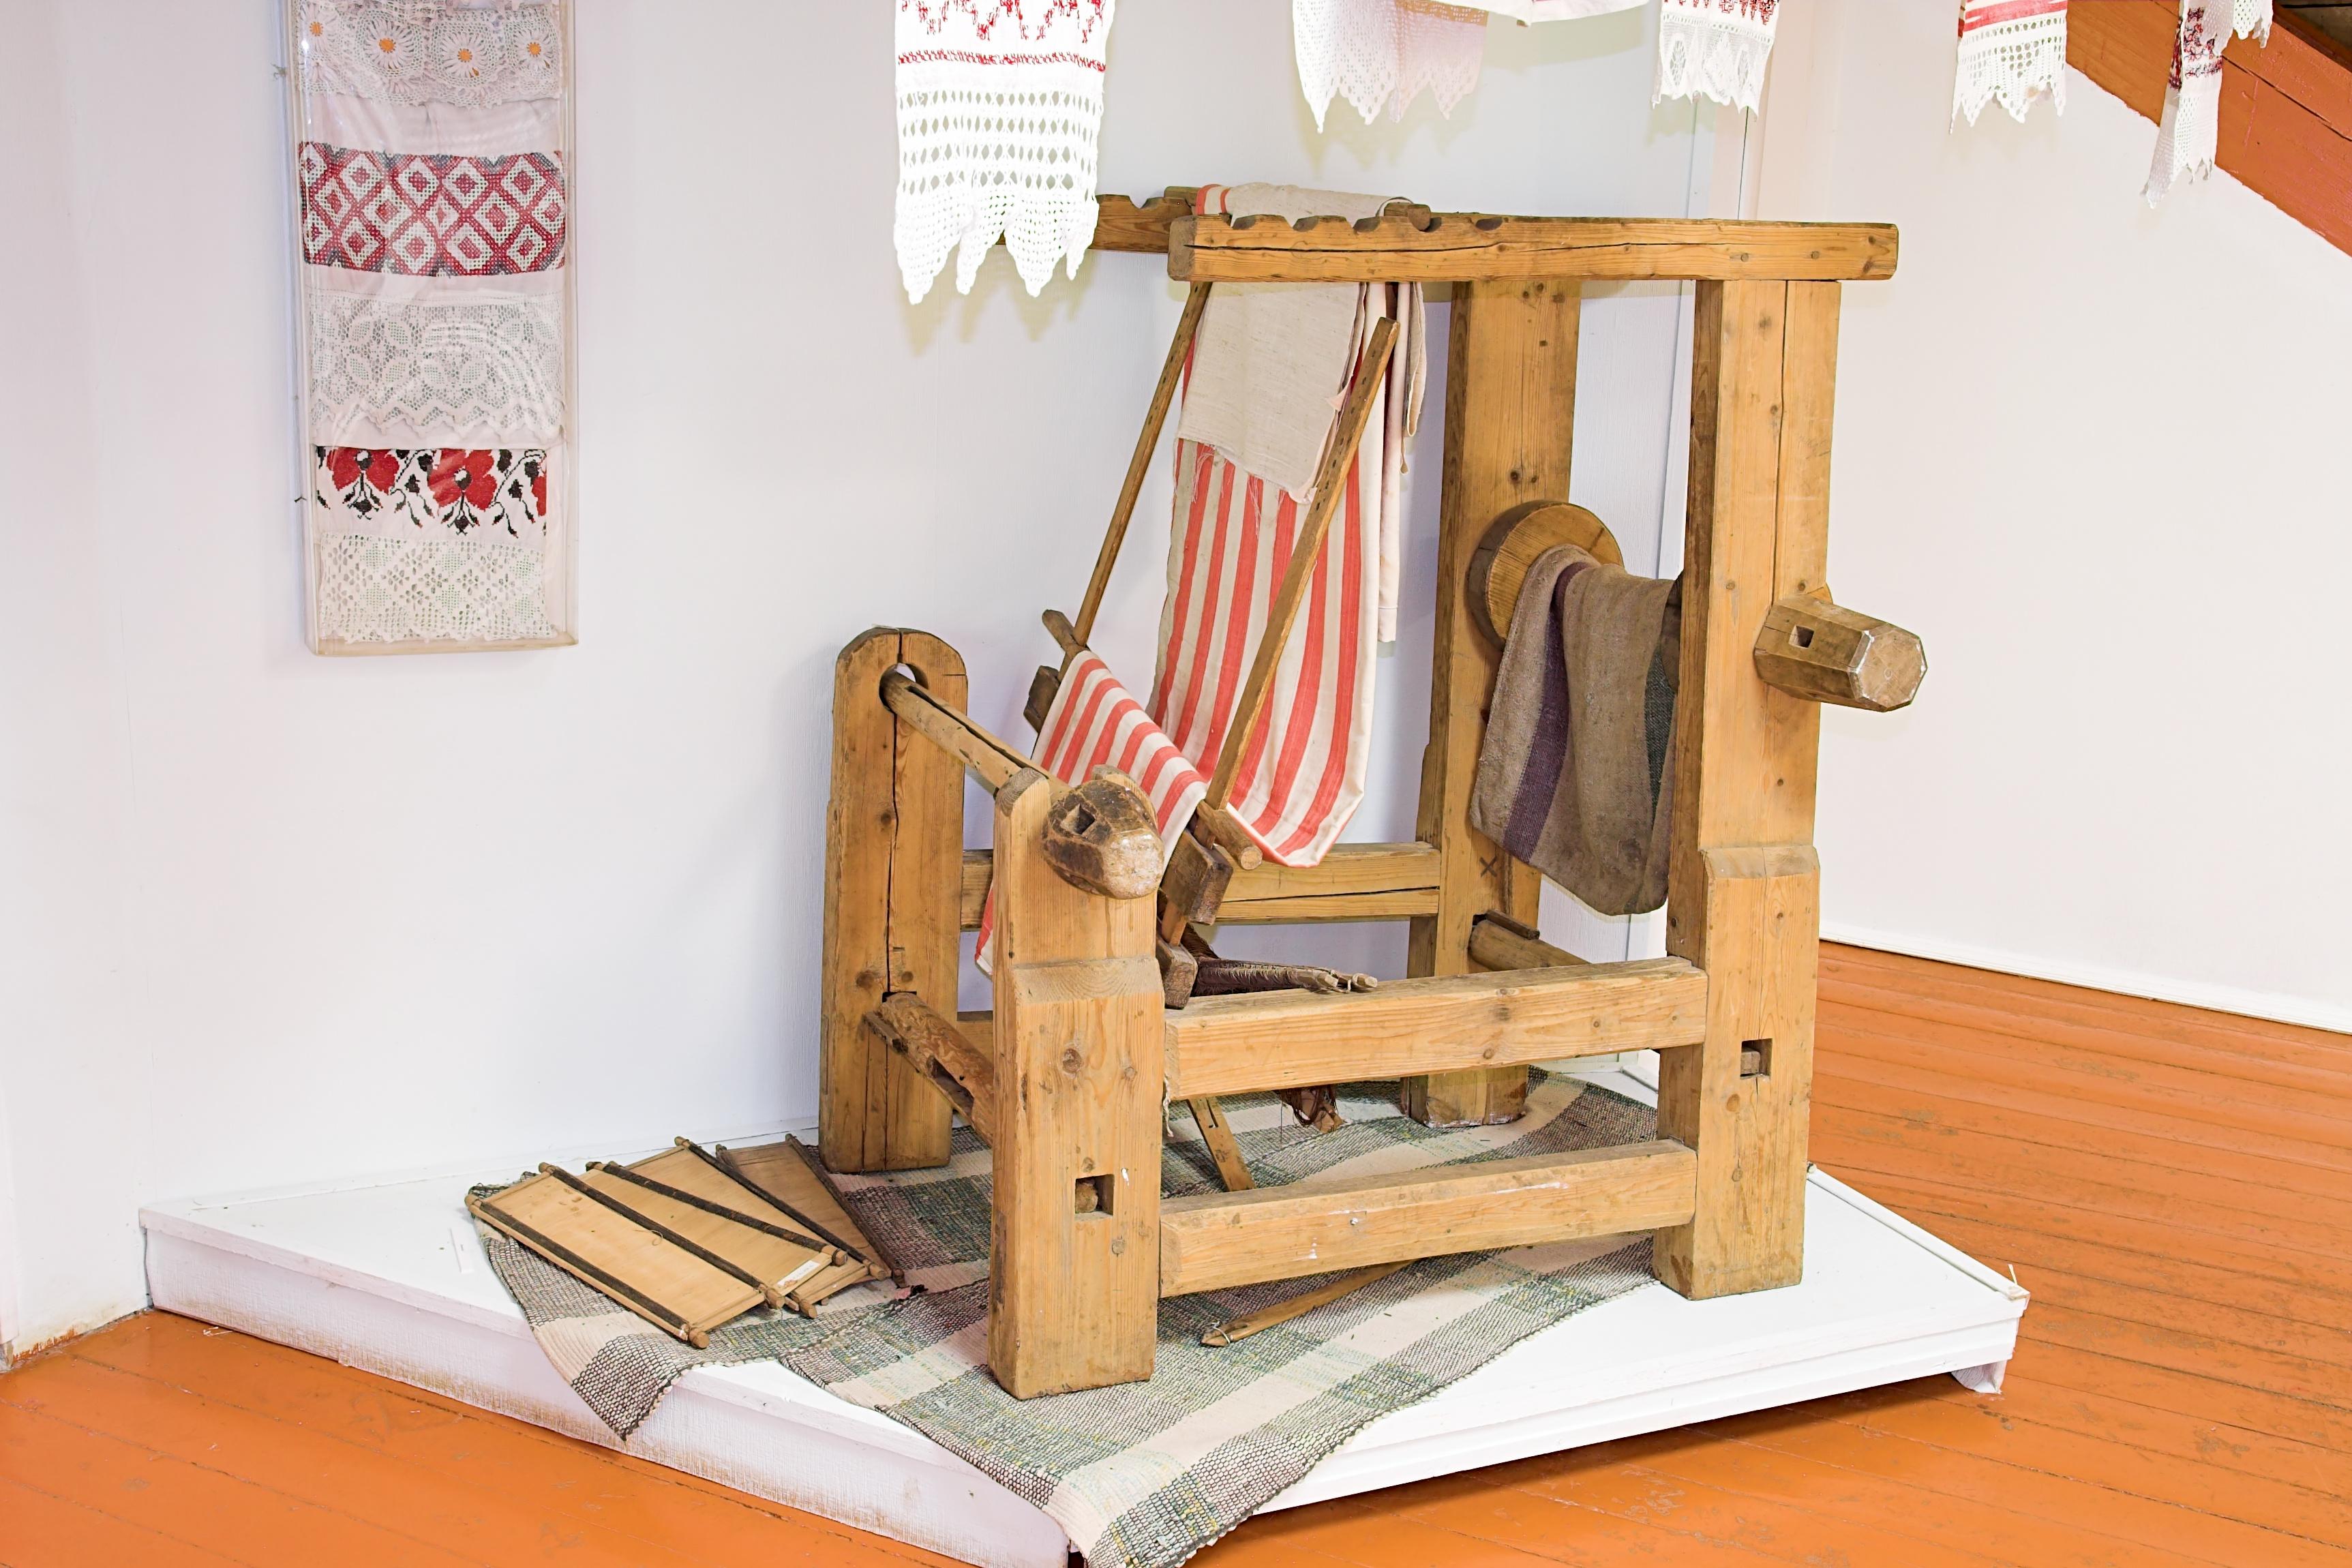 Ткацкий станок своими руками для изготовления деревенских половиков цена 81